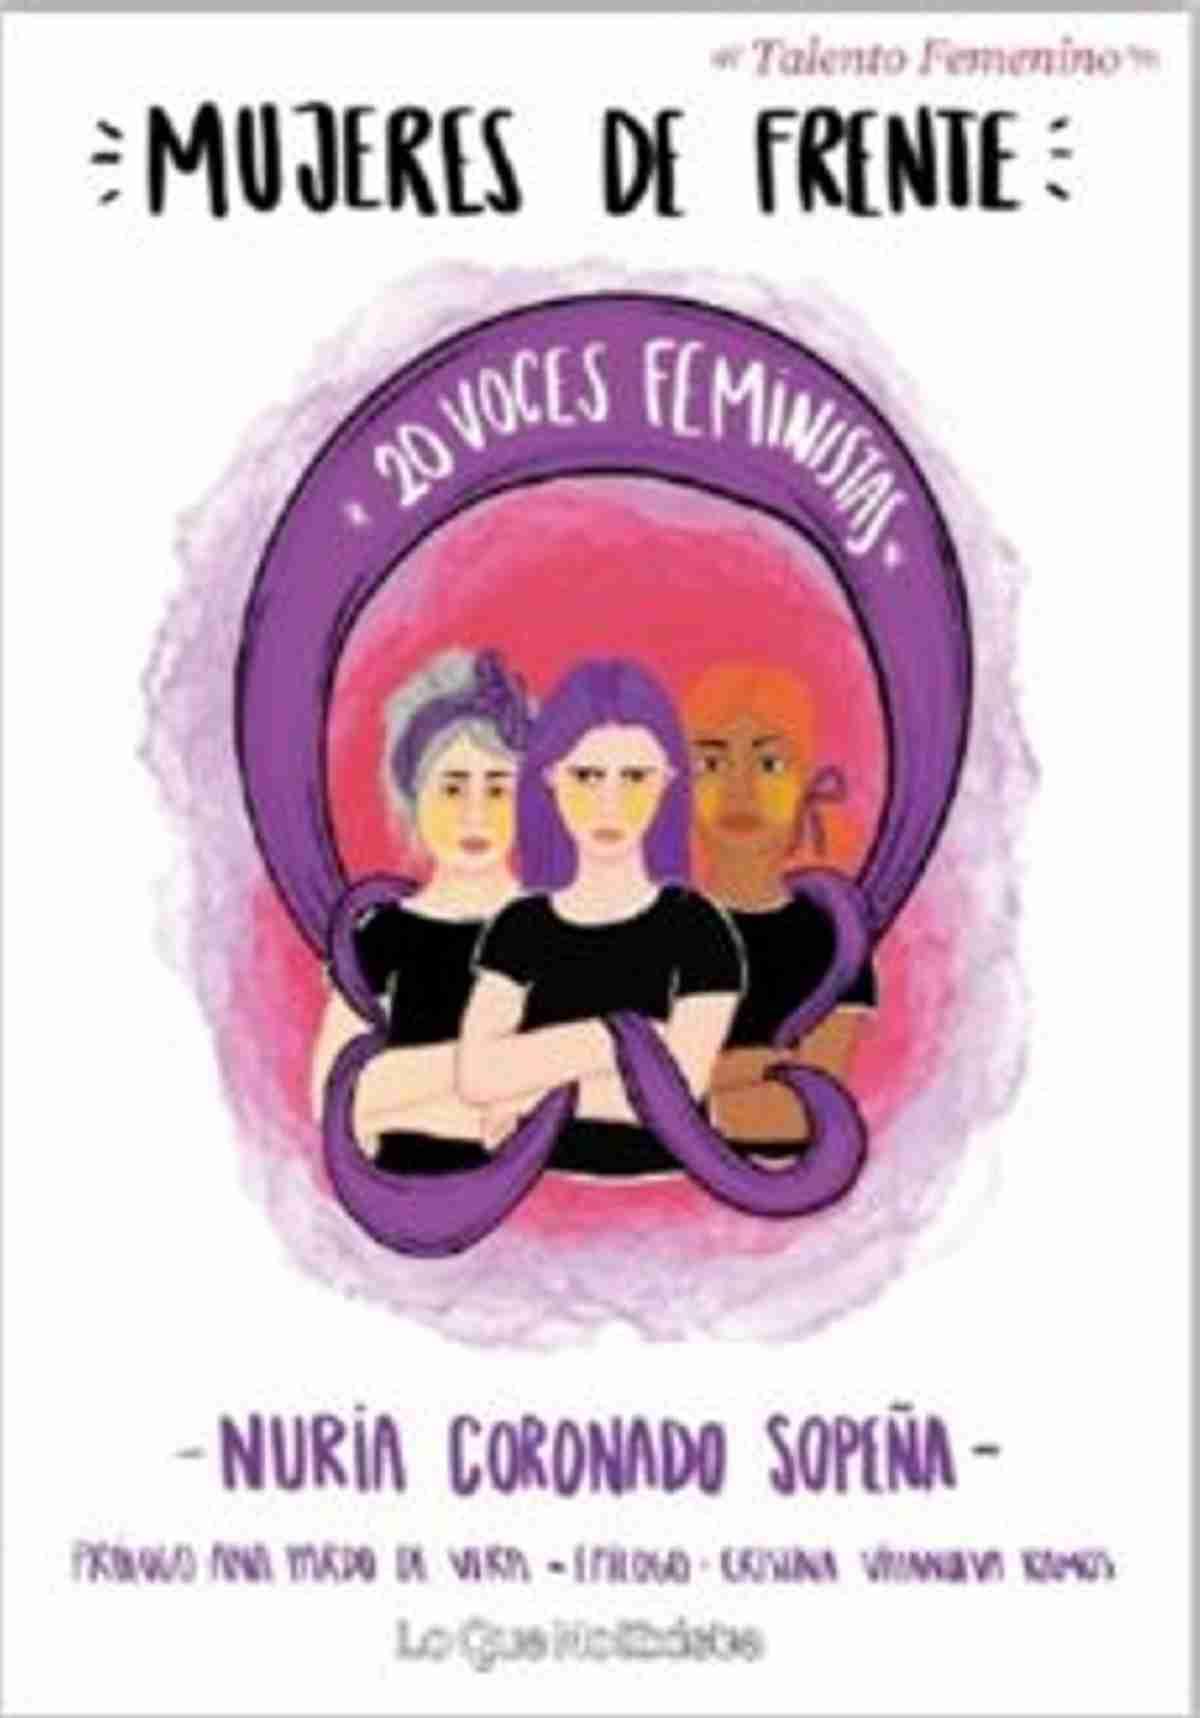 Día Internacional de la Eliminación de la Violencia contra las Mujeres 2019 en Villarrubia de los Ojos